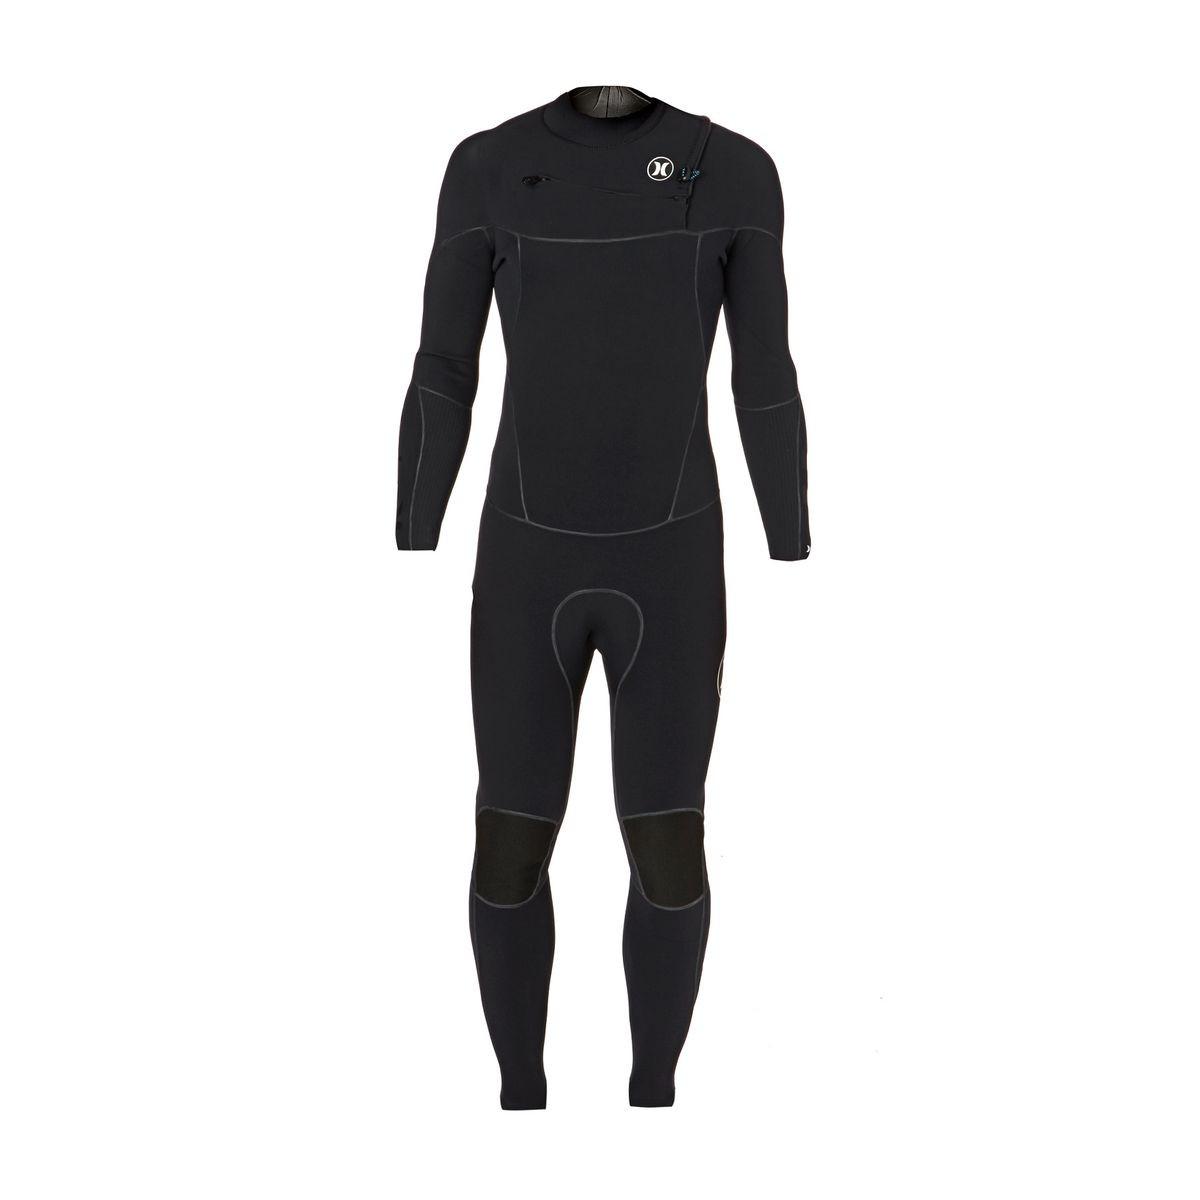 Hurley Phantom 2mm 2017 Chest Zip Wetsuit - Black